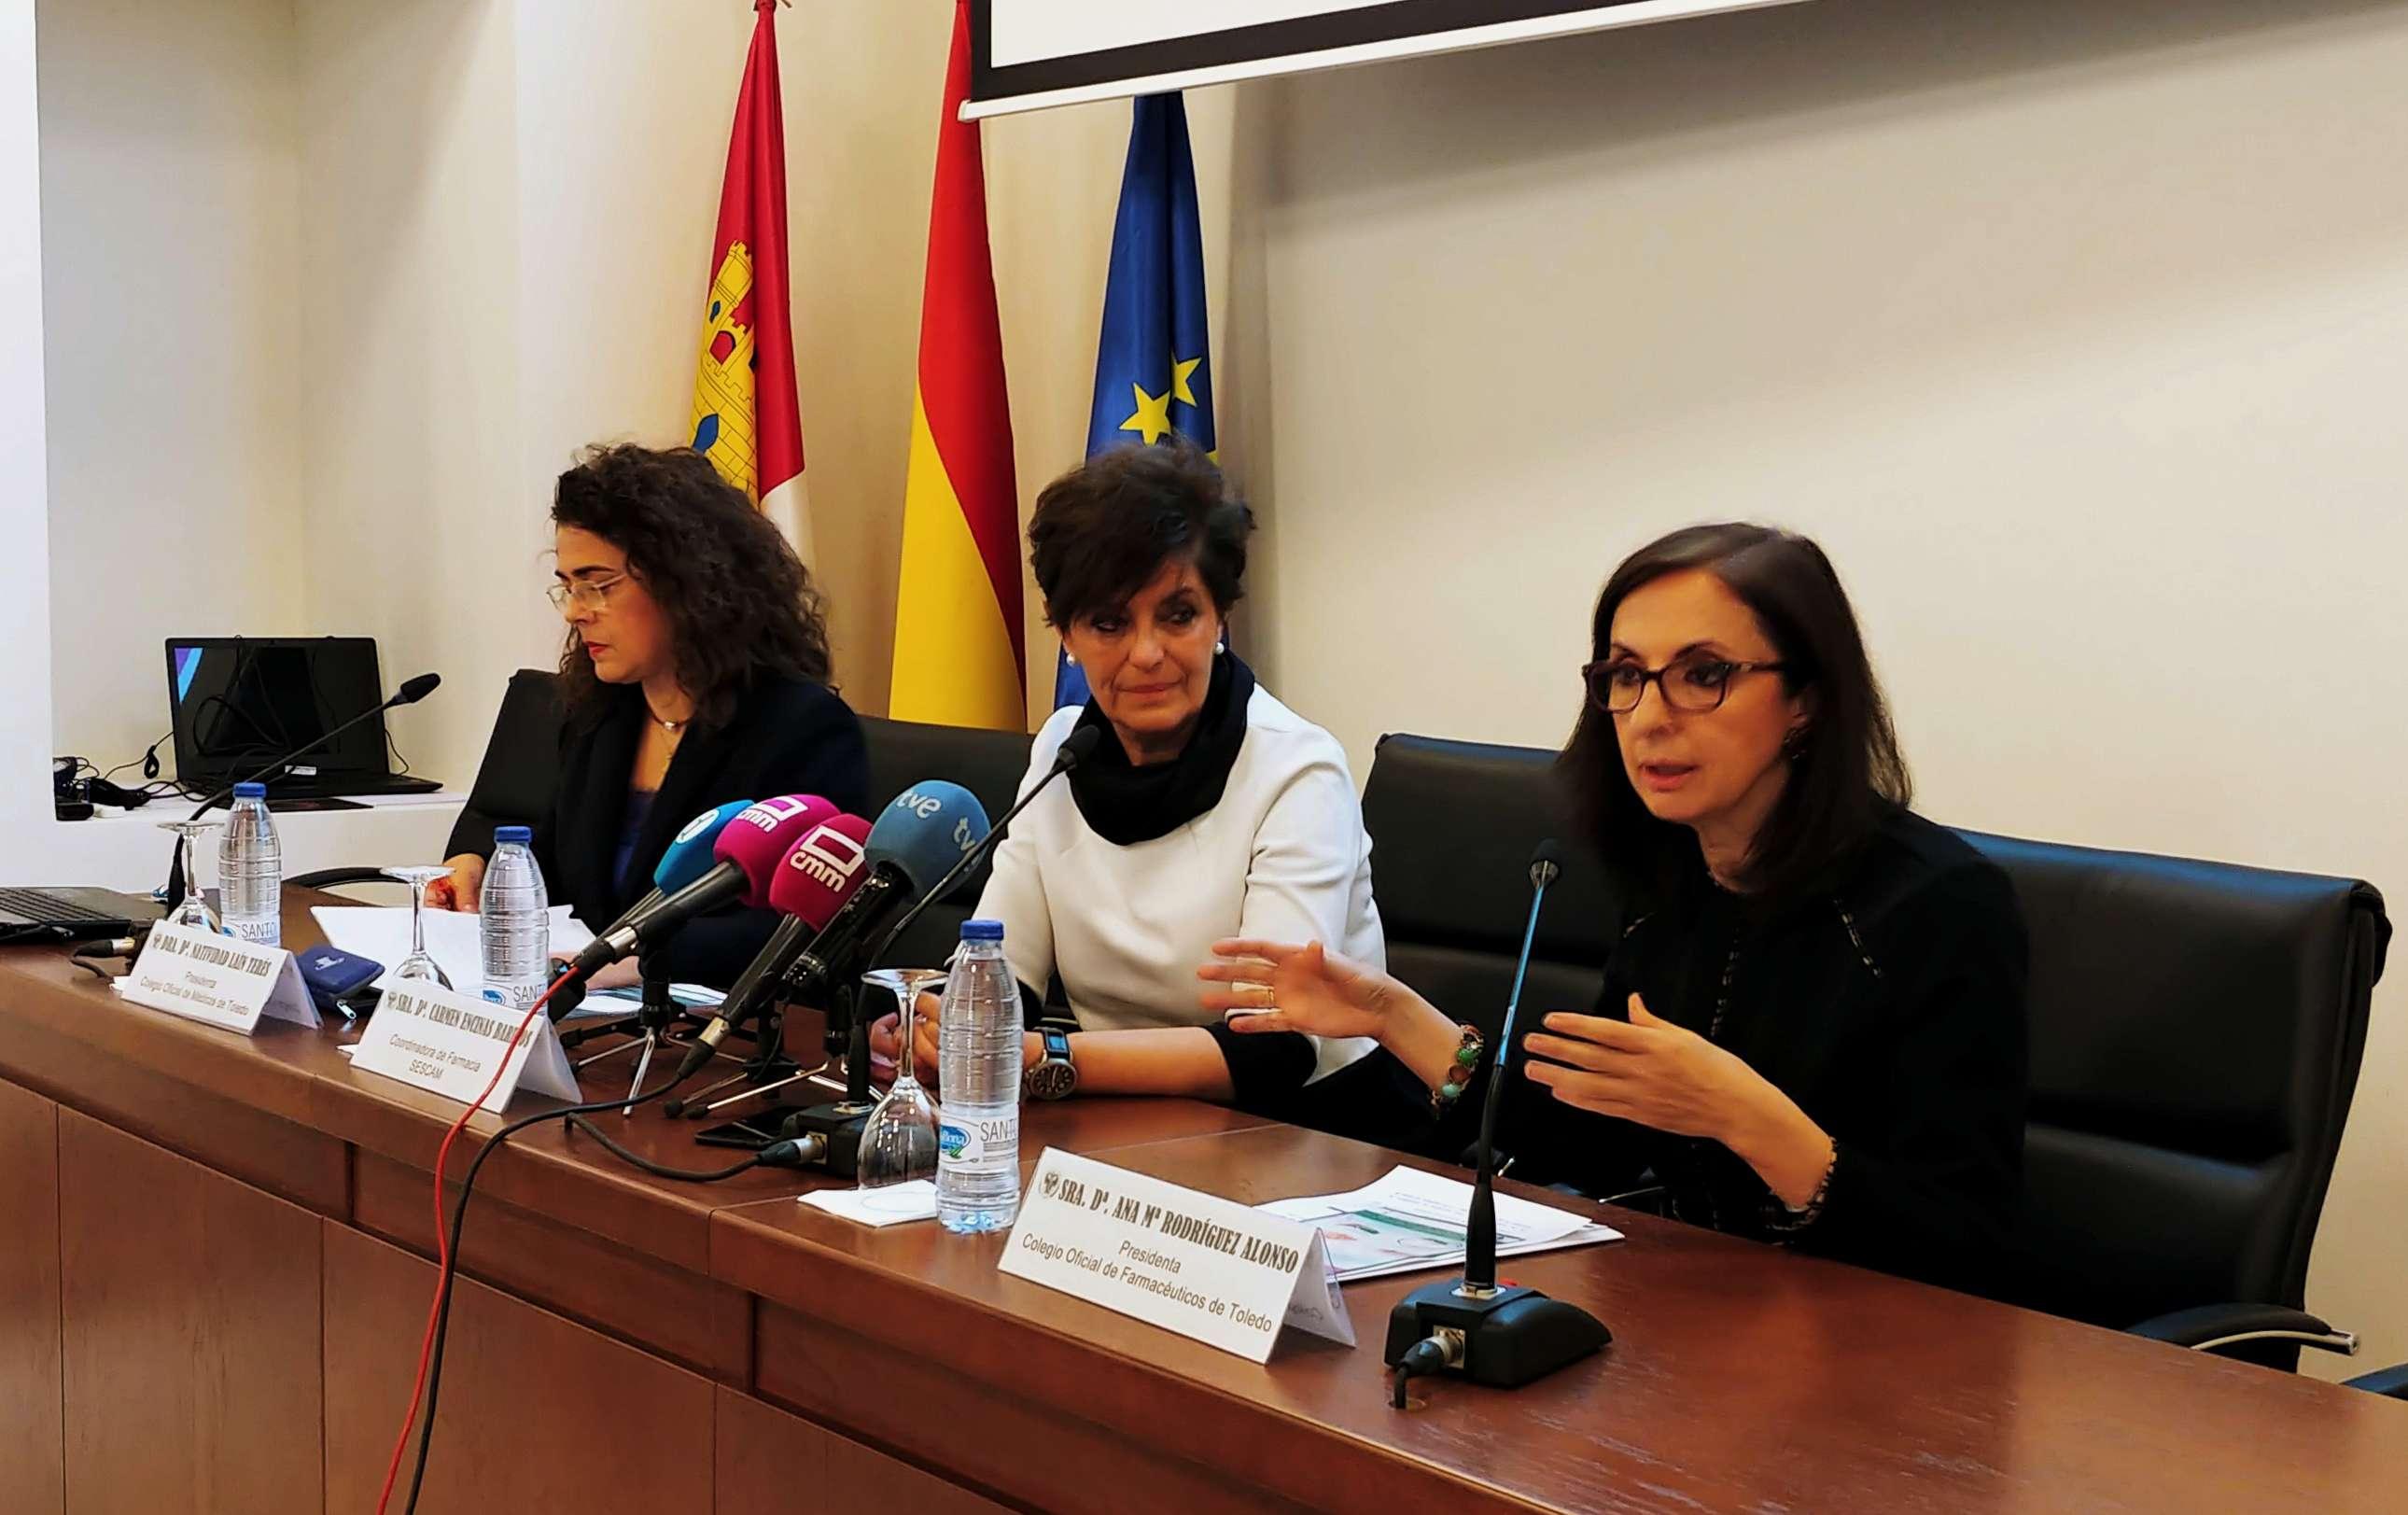 Natividad Laín, y por el COF Toledo, Ana María Rodríguez; así como la jefa del área de Farmacia del SESCAM, Carmen Encinas.